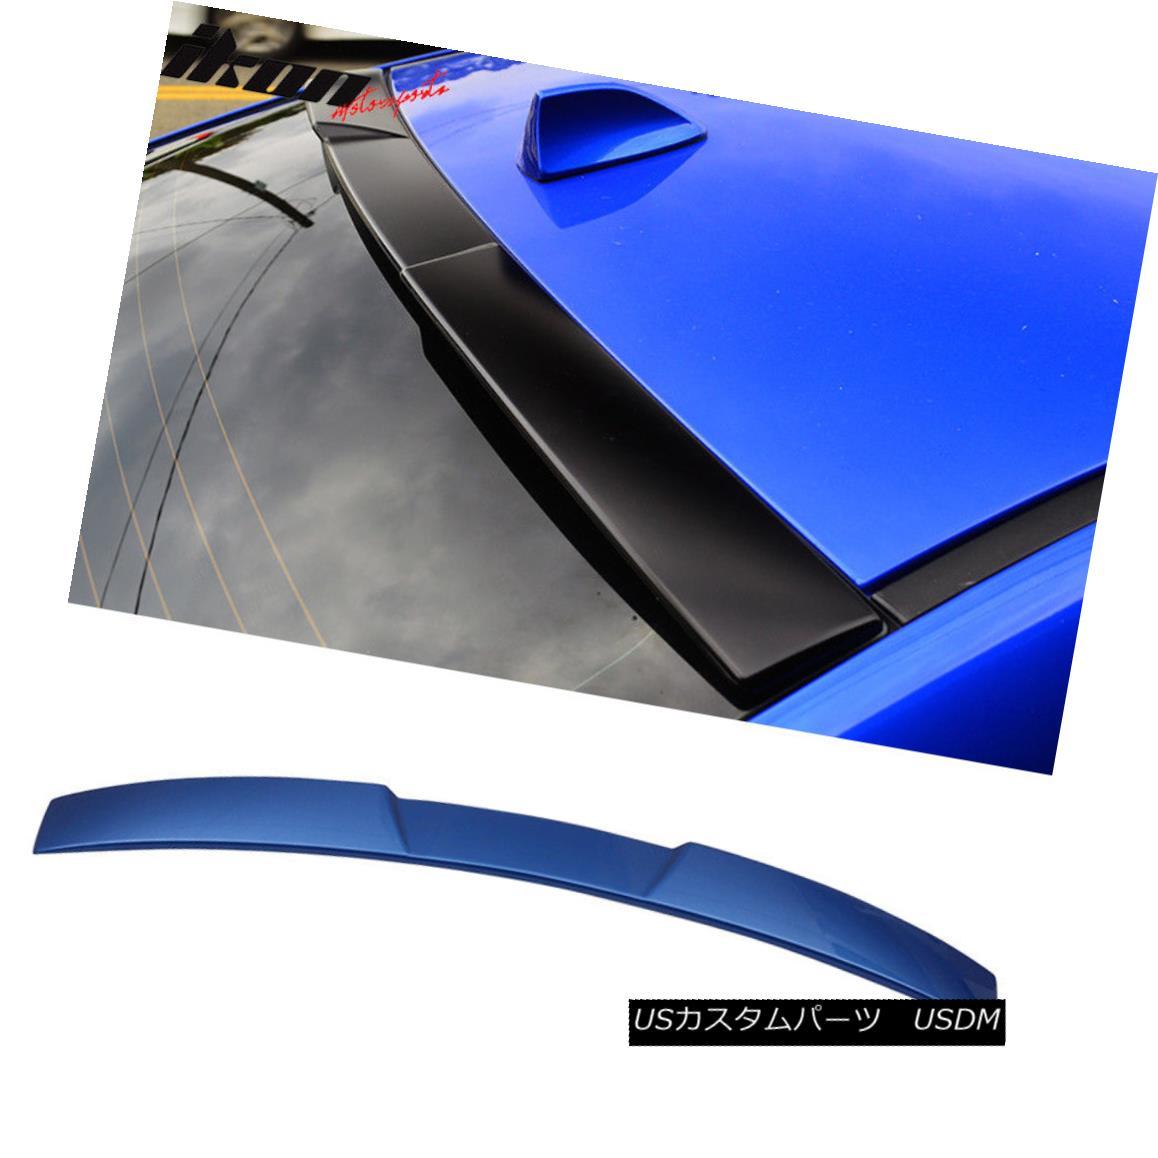 エアロパーツ For 15-18 Subaru Impreza WRX STI V Style Roof Spoiler Painted #K7X Wr Blue Pearl 15-18スバルインプレッサWRX STI Vスタイルルーフスポイラー塗装#K7X Wrブルーパール